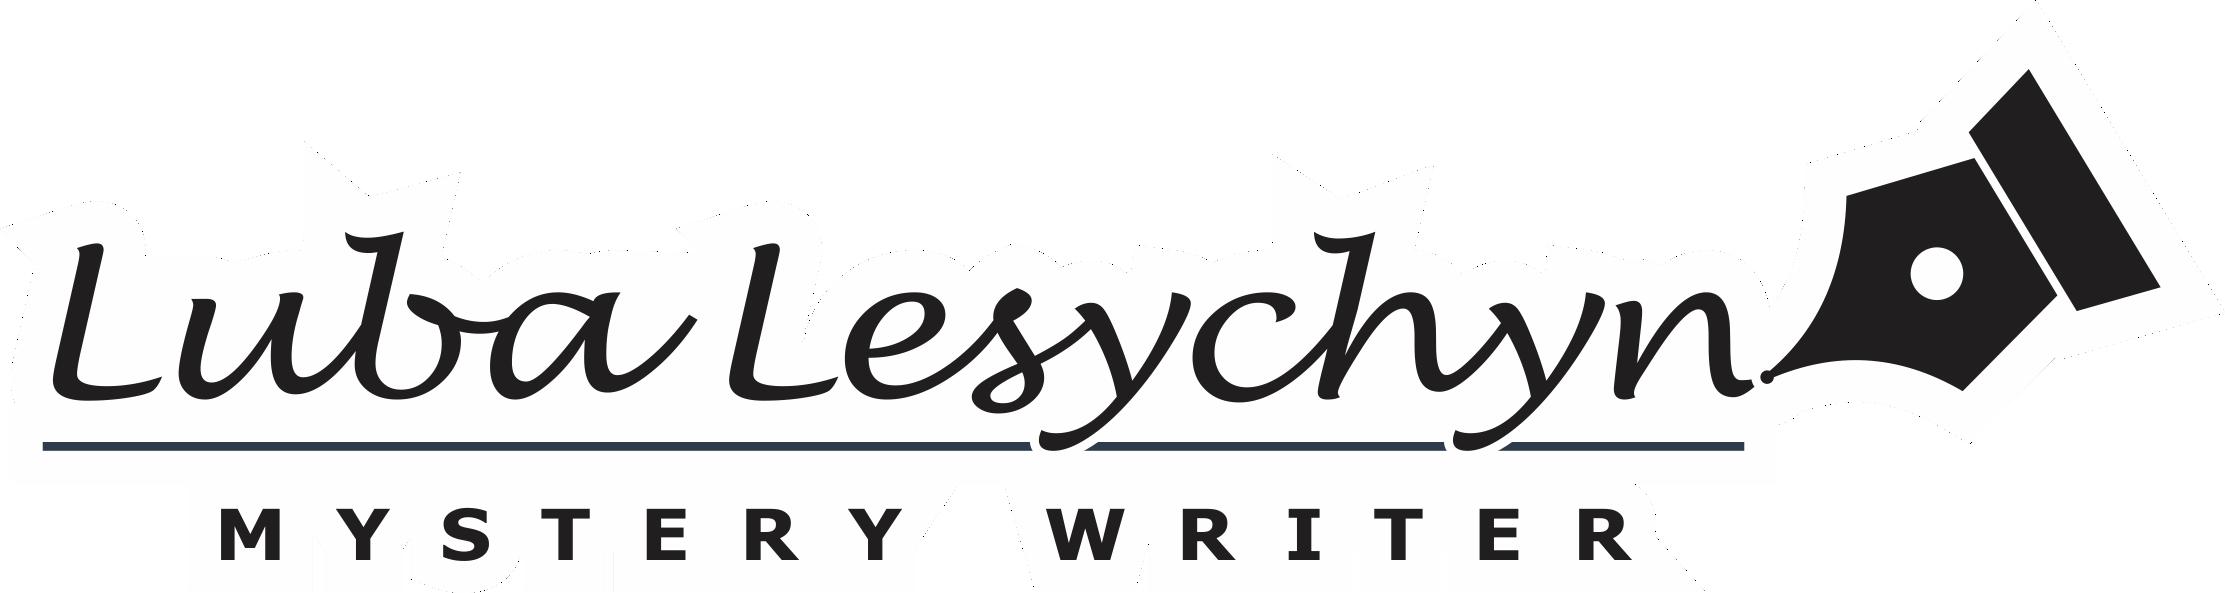 Luba Lesychyn